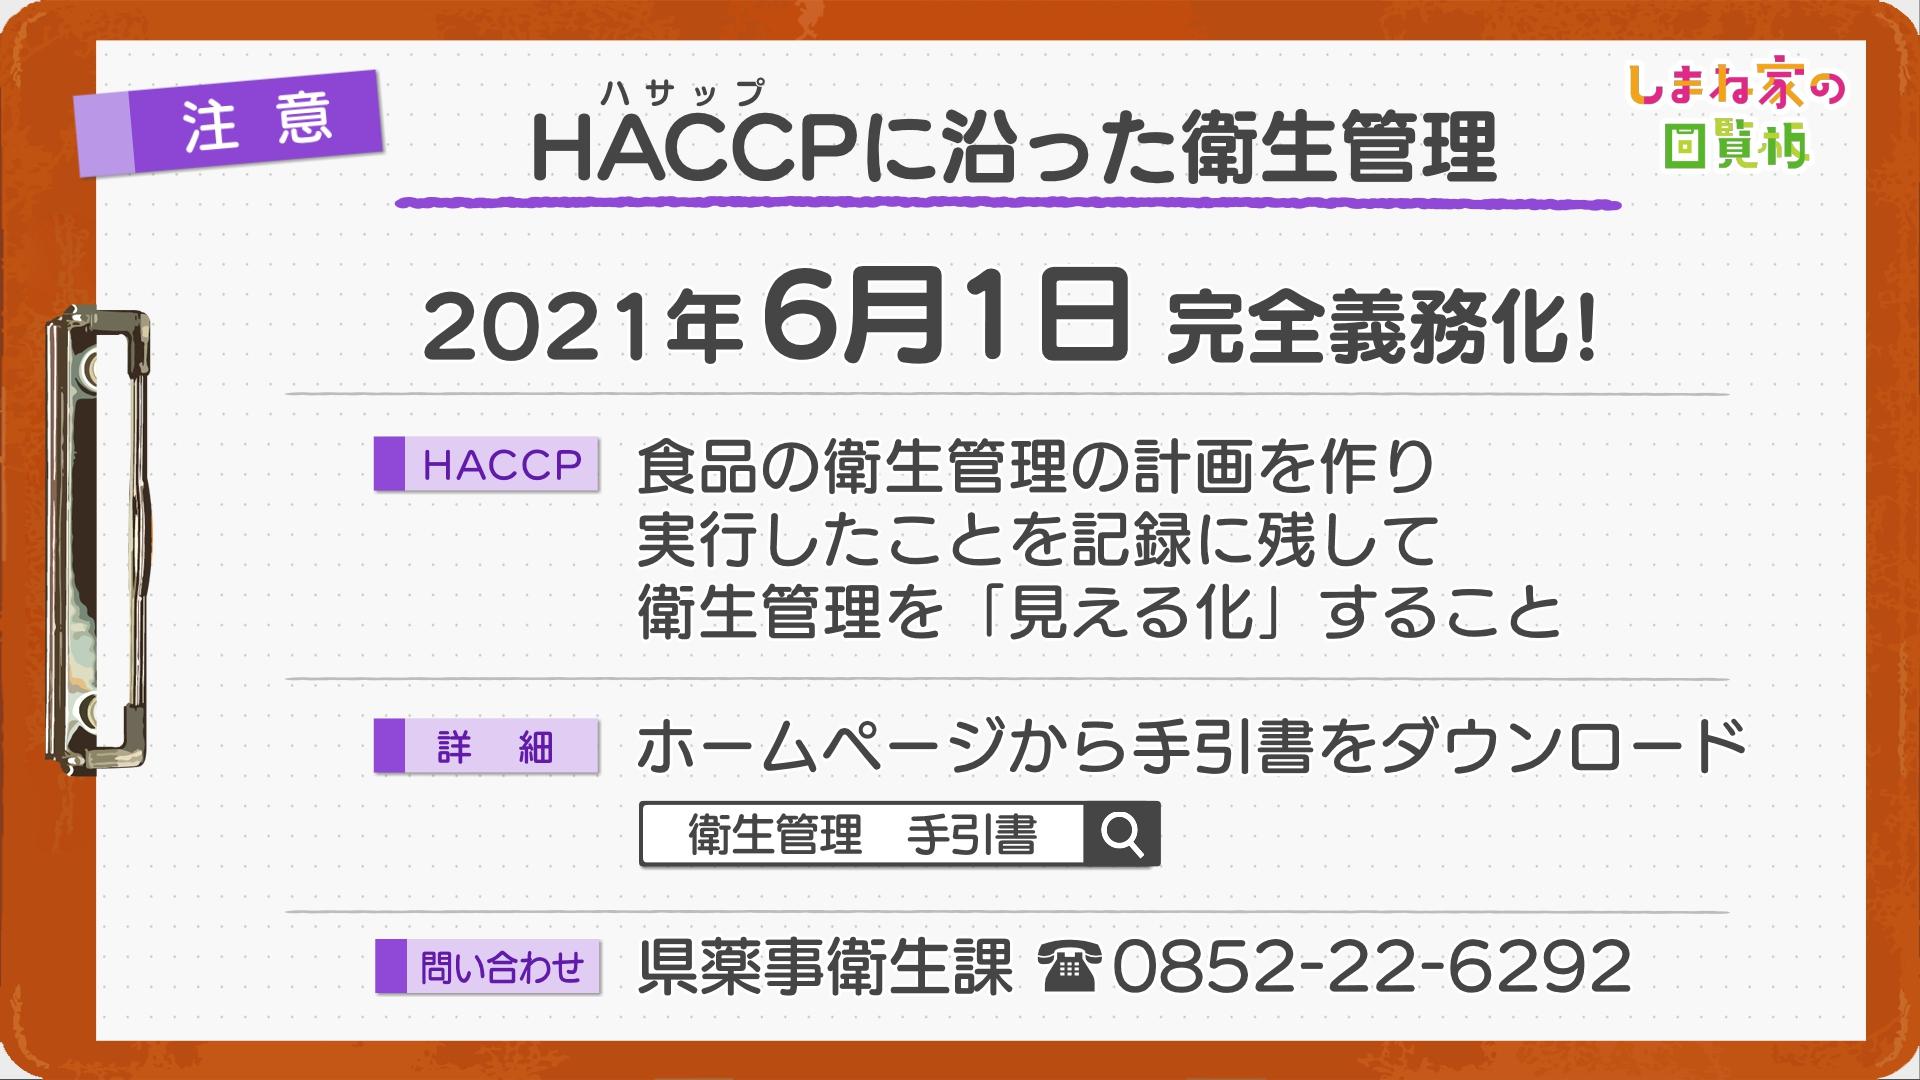 HACCP(ハサップ)に沿った衛生管理